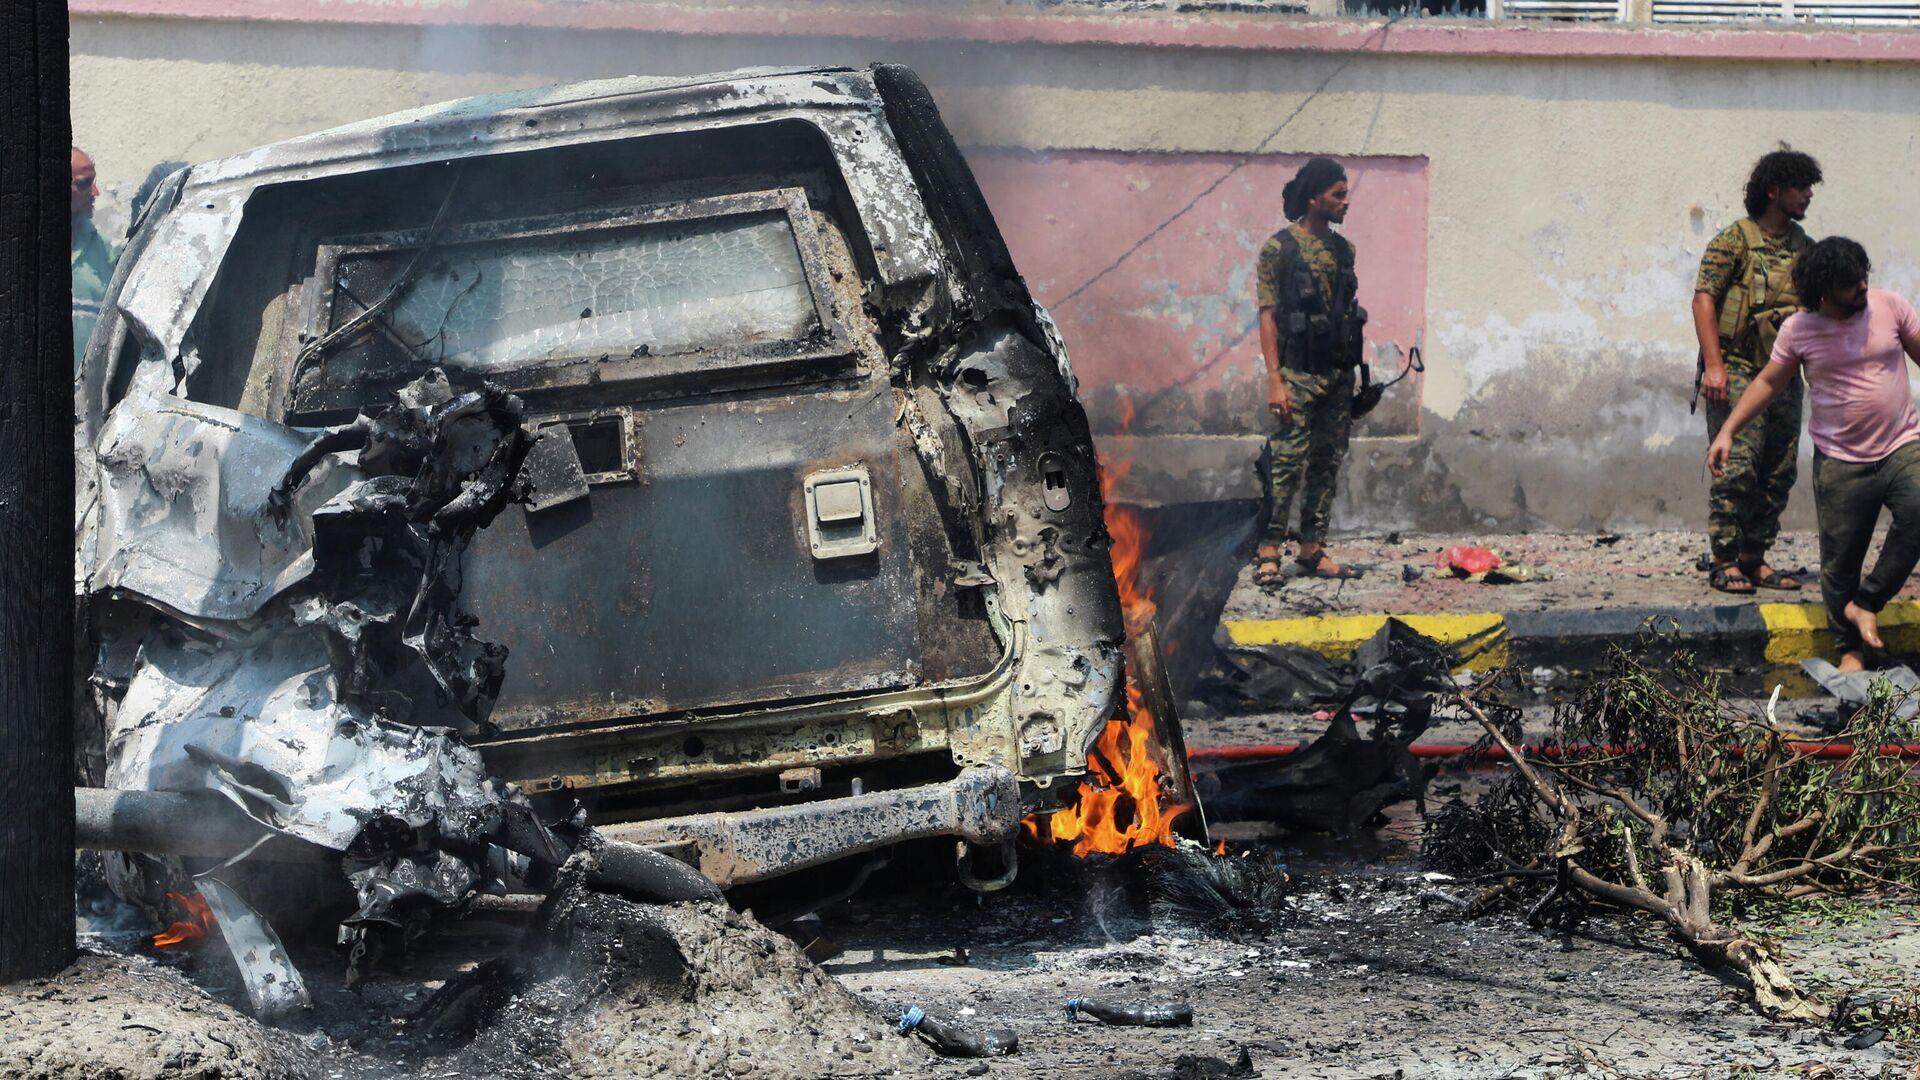 Un vehículo cargado de explosivos estalla en Adén, Yemen - Sputnik Mundo, 1920, 10.10.2021